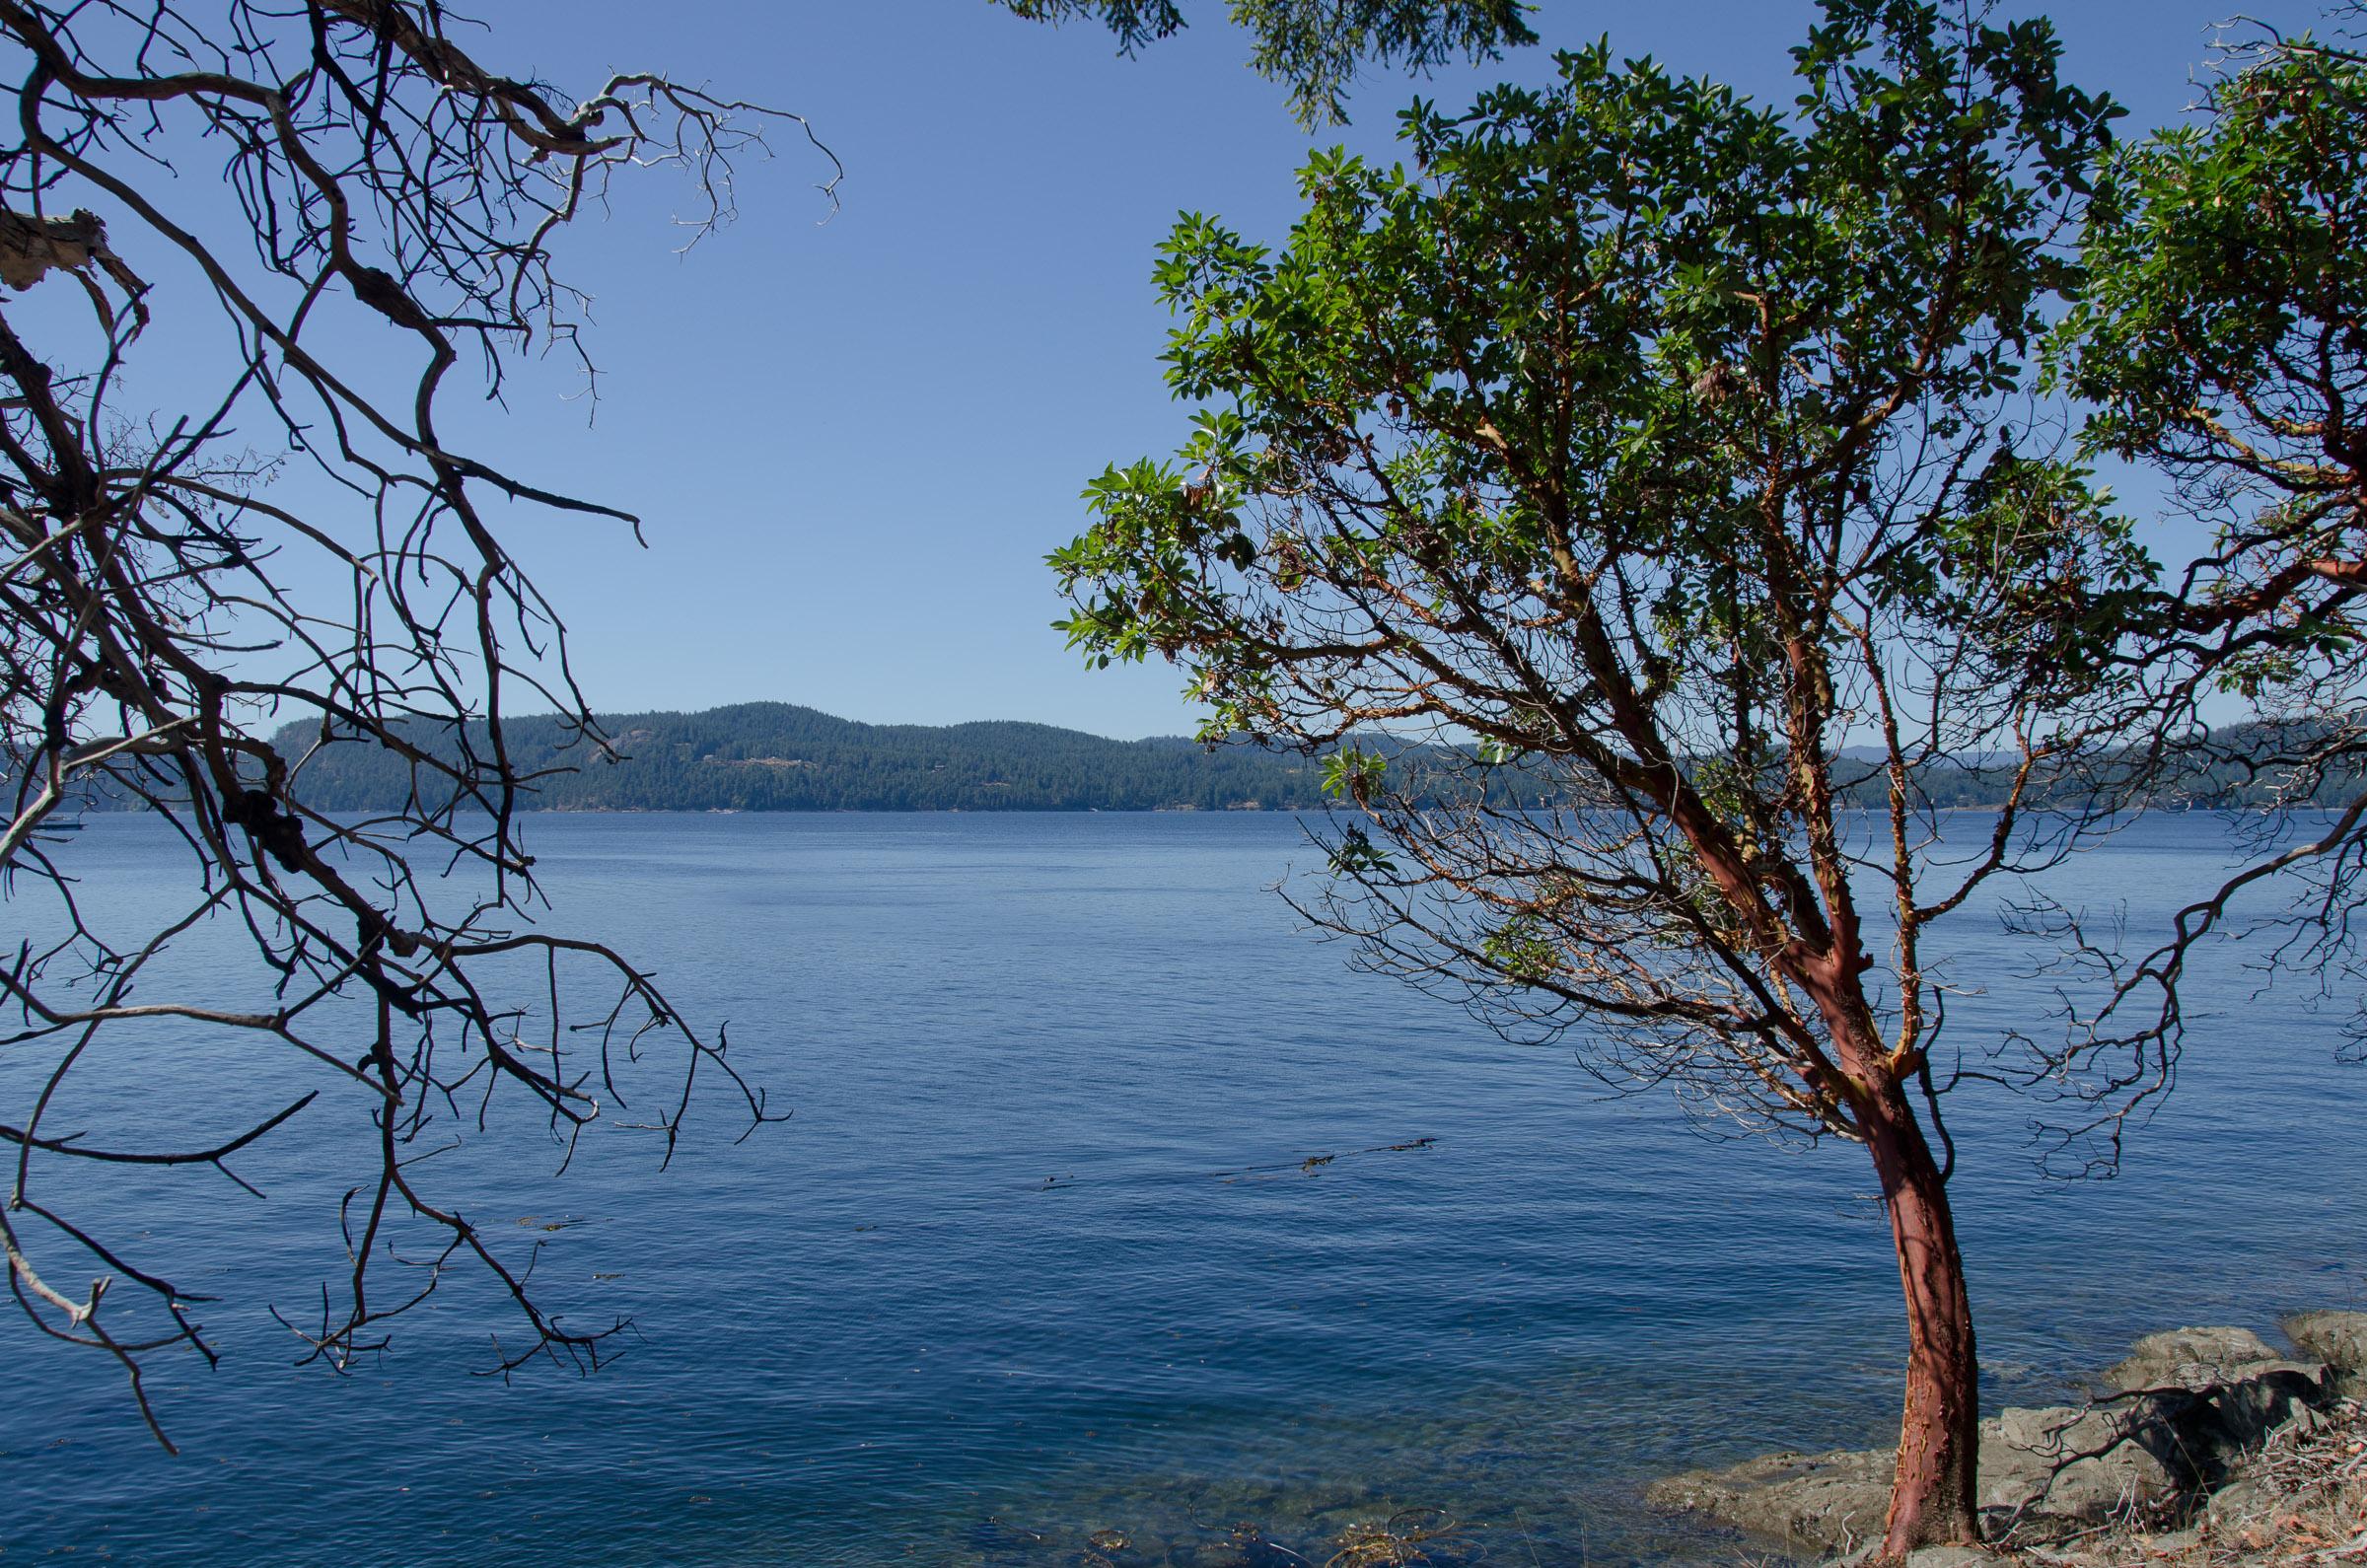 Arbutus tree on coastline